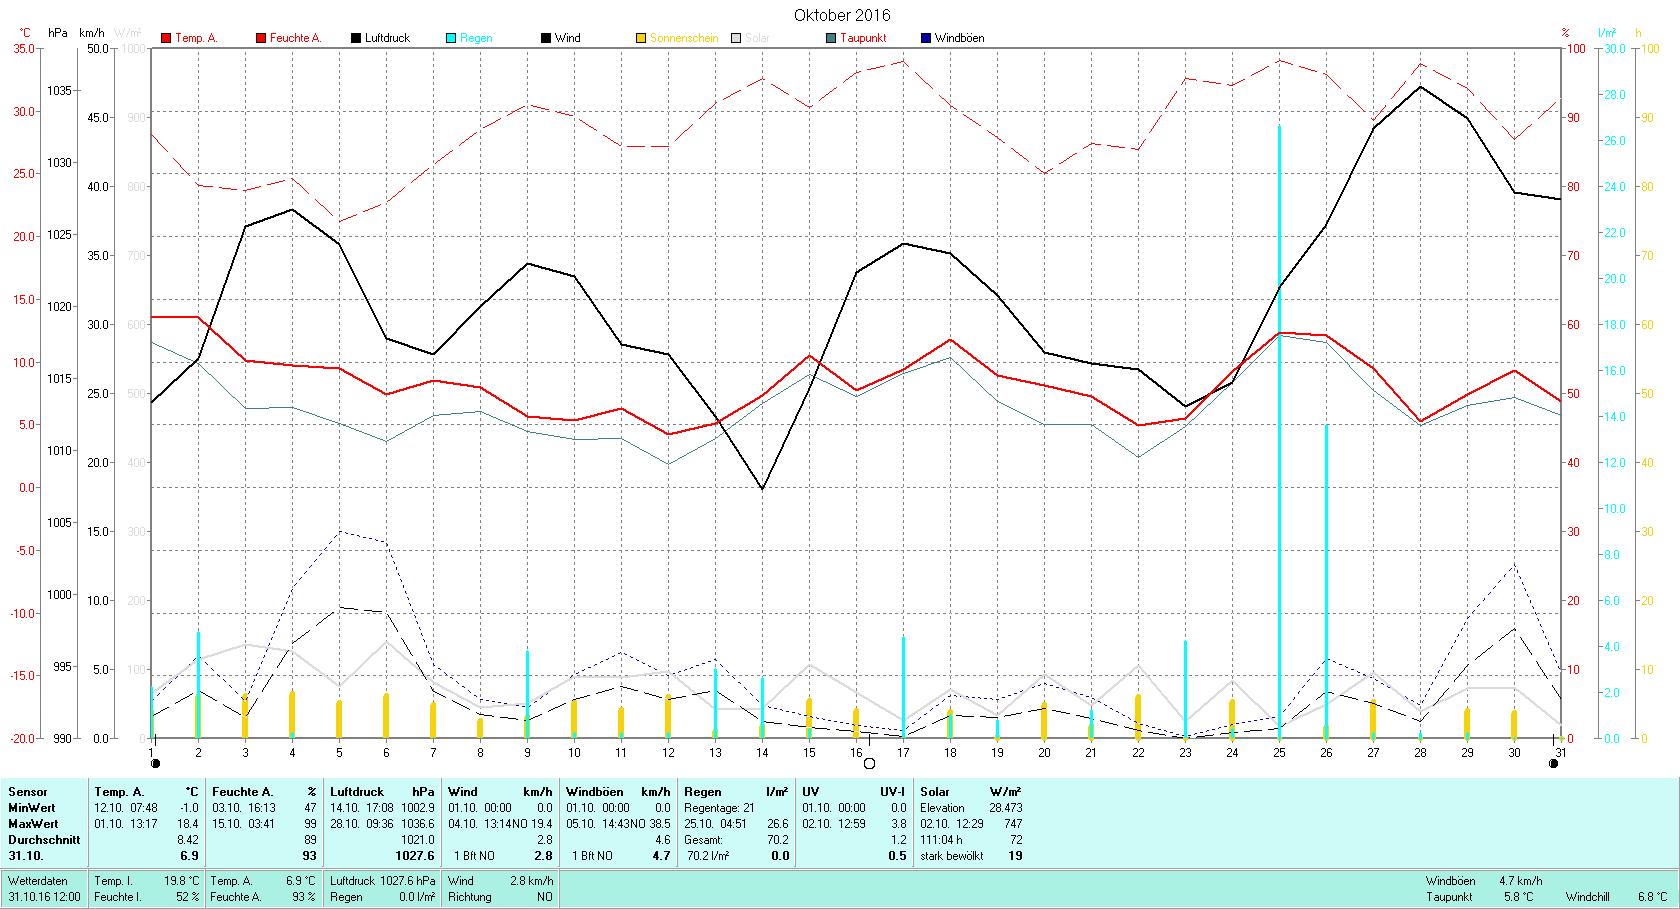 Oktober 2016 Tmin -1.0°C, Tmax 18.4°C, Sonne 111:04h, Niederschlag 70.2mm/2